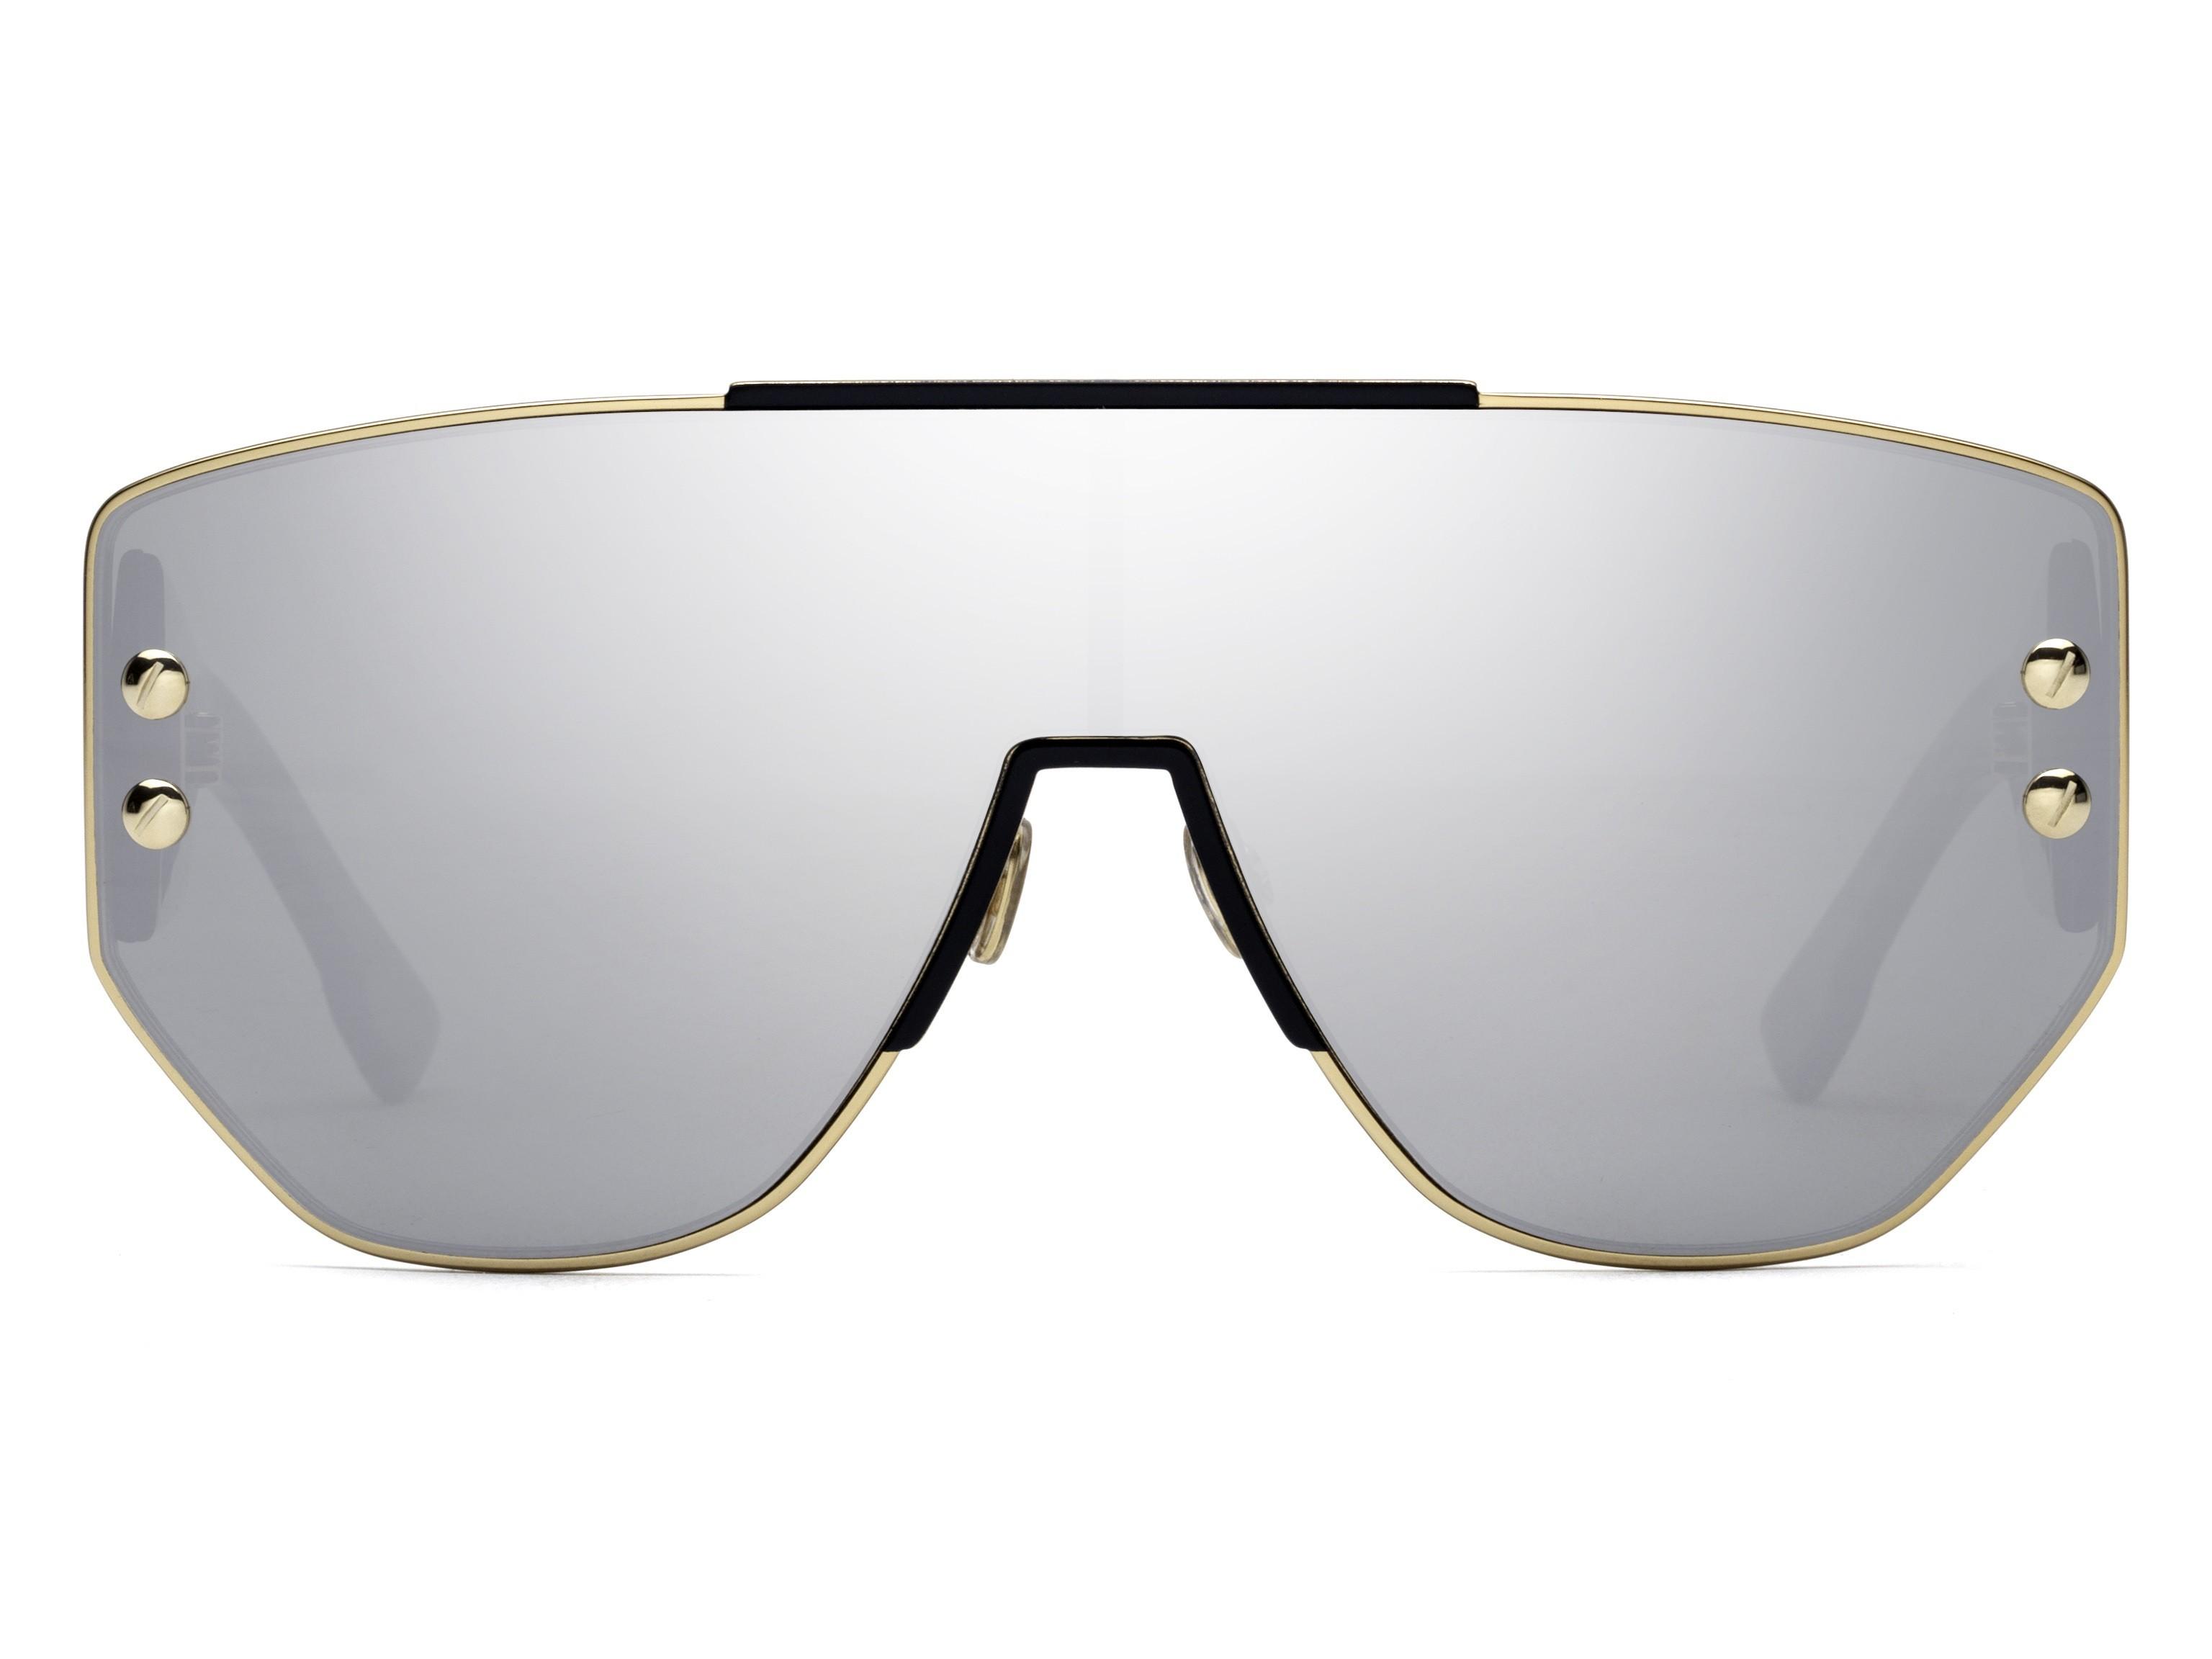 0102a63eb2b22 Oculos e oculos de sol Christian Dior O charme e a elegância sao garantidos  atraves do uso de cores unicas e combinacoes de tons e modelos como Dior  Addict1 ...